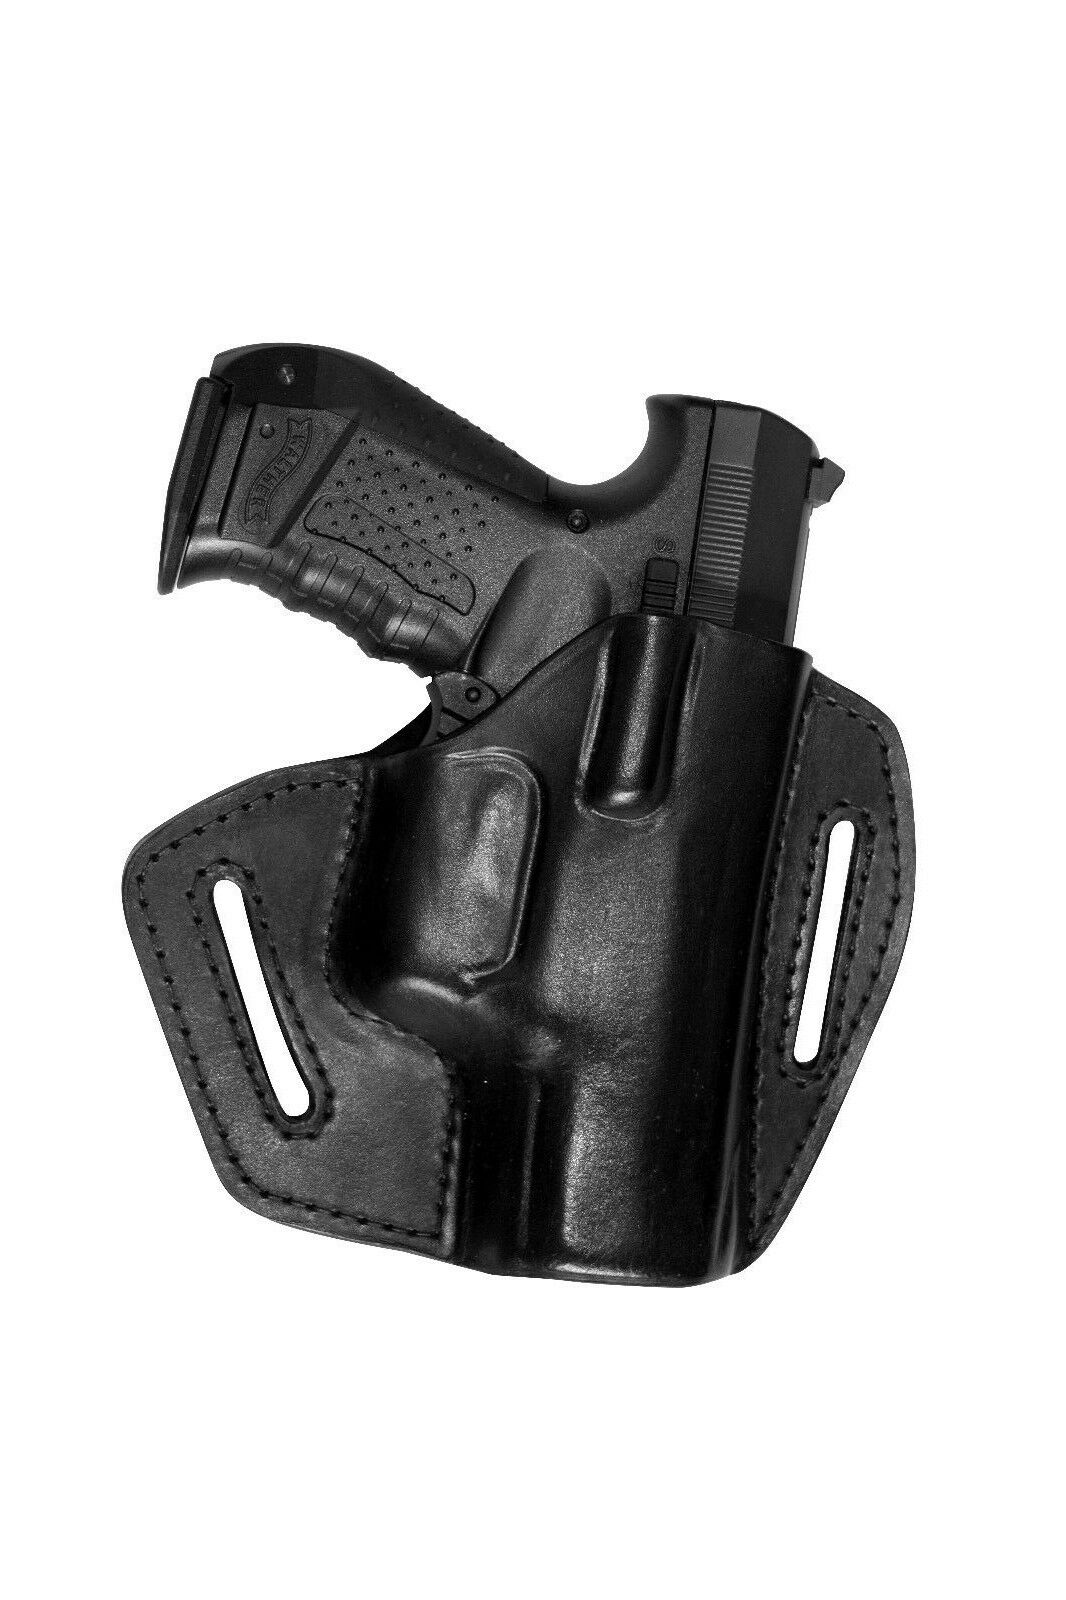 UX Pistolen Leder Holster Holster Holster für S&W M&P 9c SW MP9c MP 9c Pistoleholster 479f69